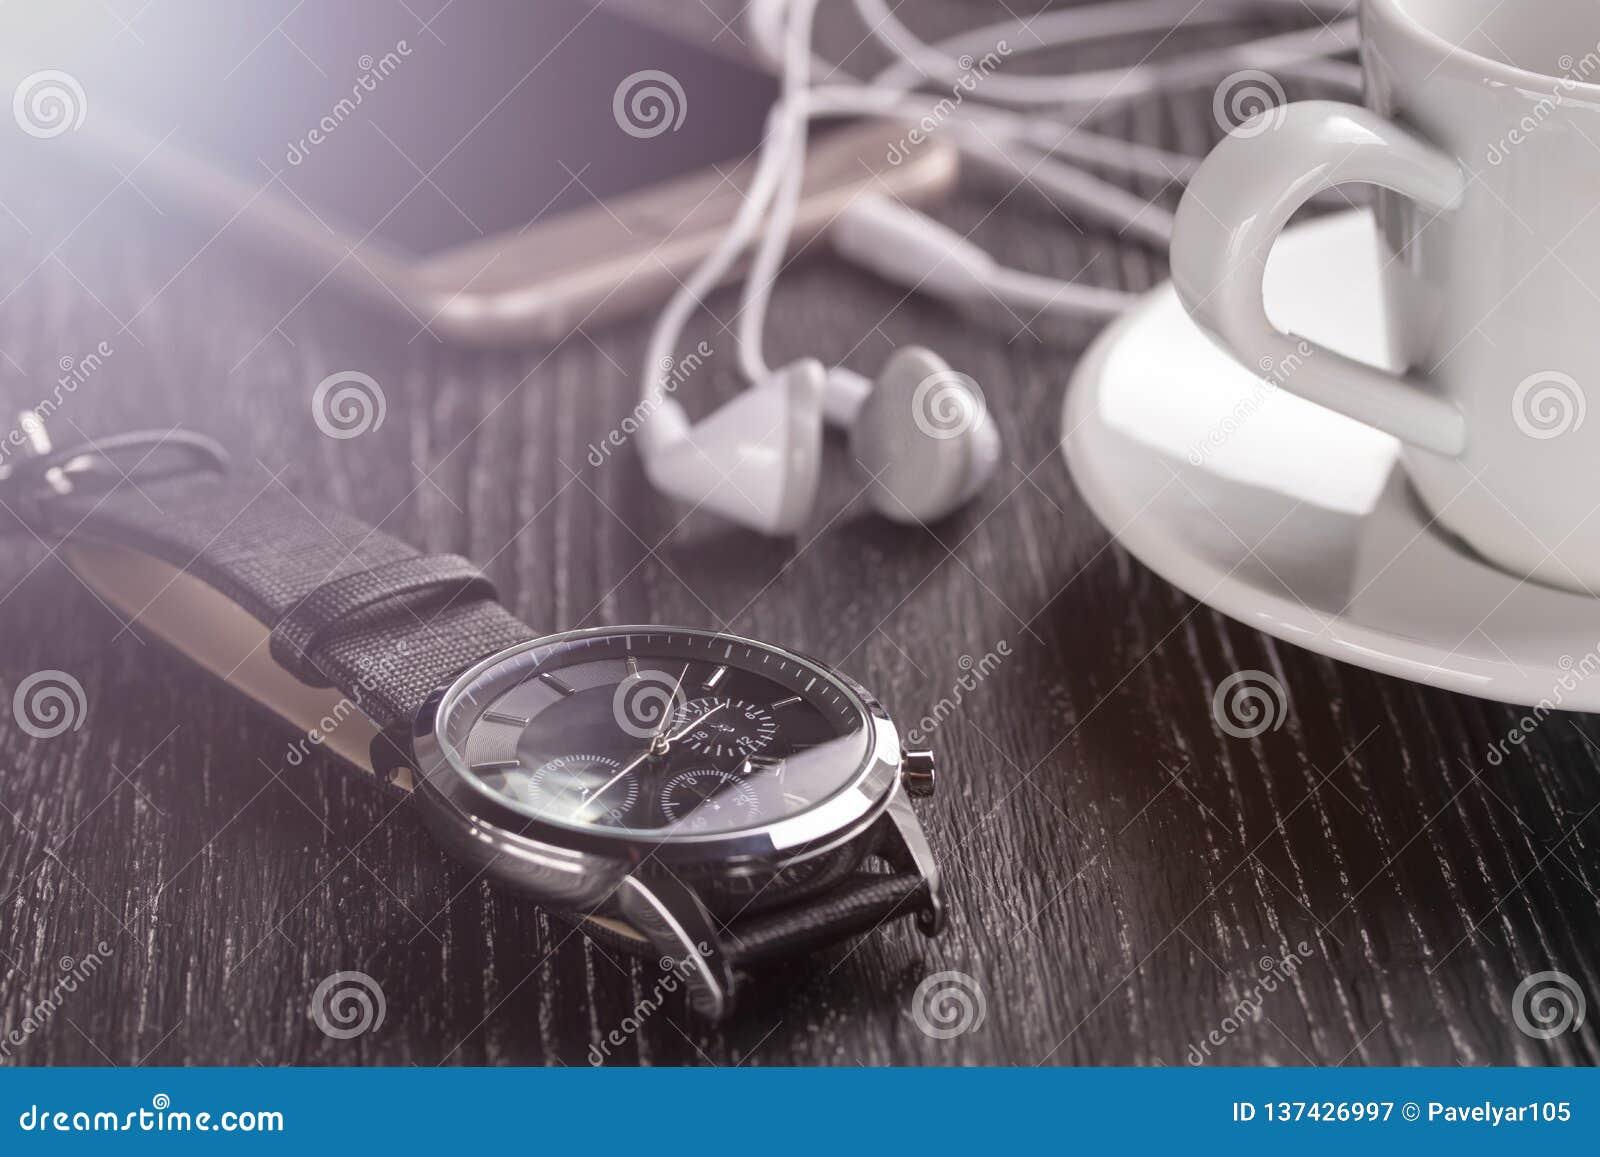 Наручные часы и мобильный телефон с наушниками и чашкой кофе на темном деревянном столе